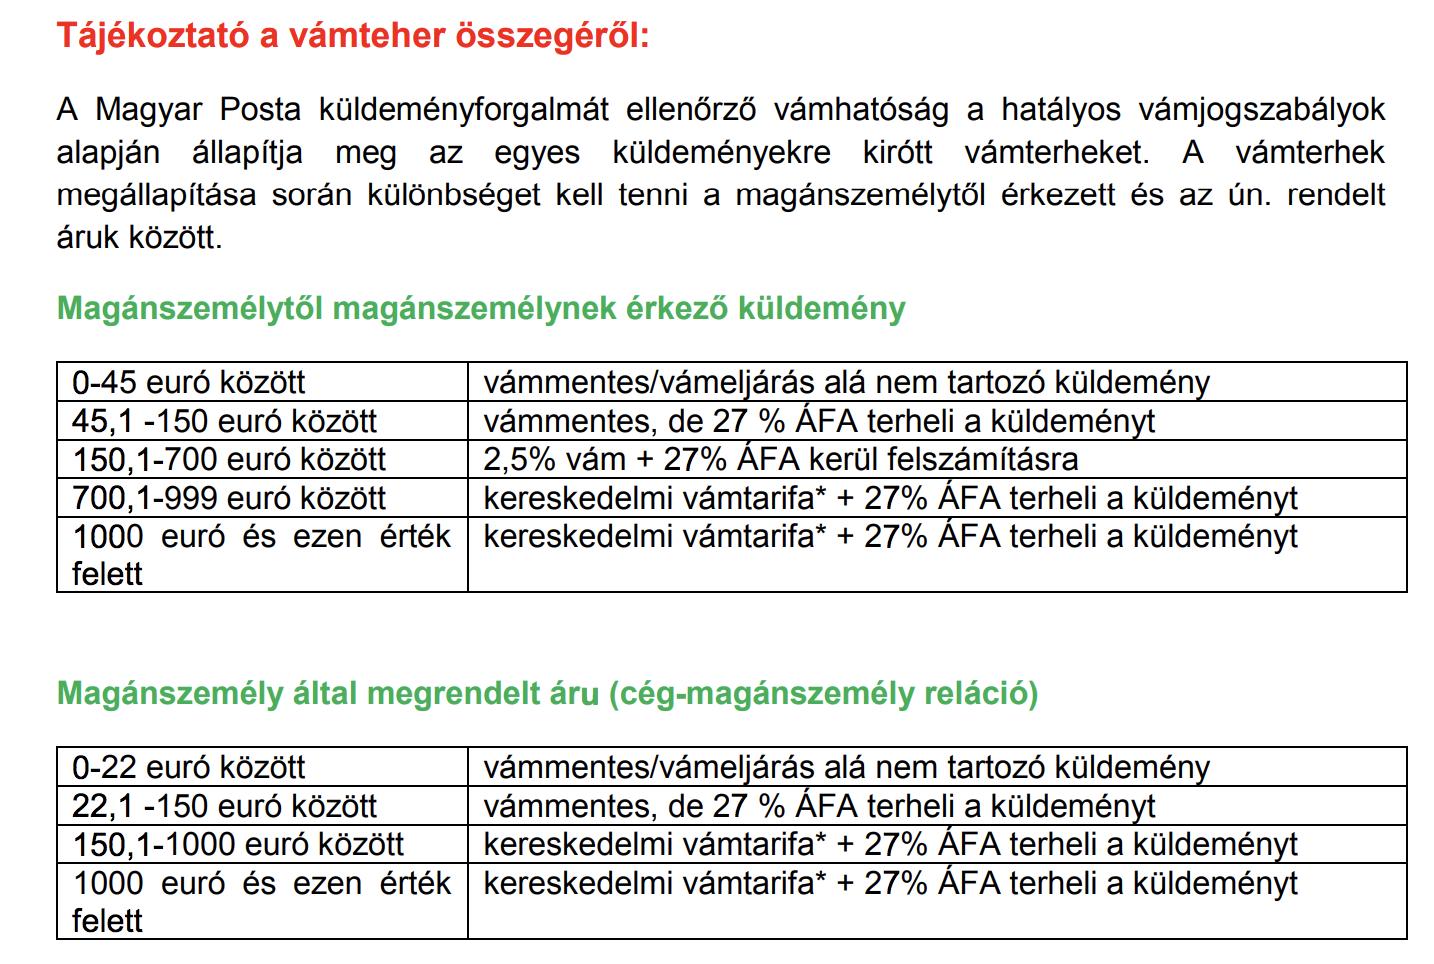 be5006f946 A táblázat alapján a rendelt áruk esetében 22 EUR a vámteher mentességének a  határa, ami a jelenleg érvényes vámolás során alkalmazott árfolyamokkal ...